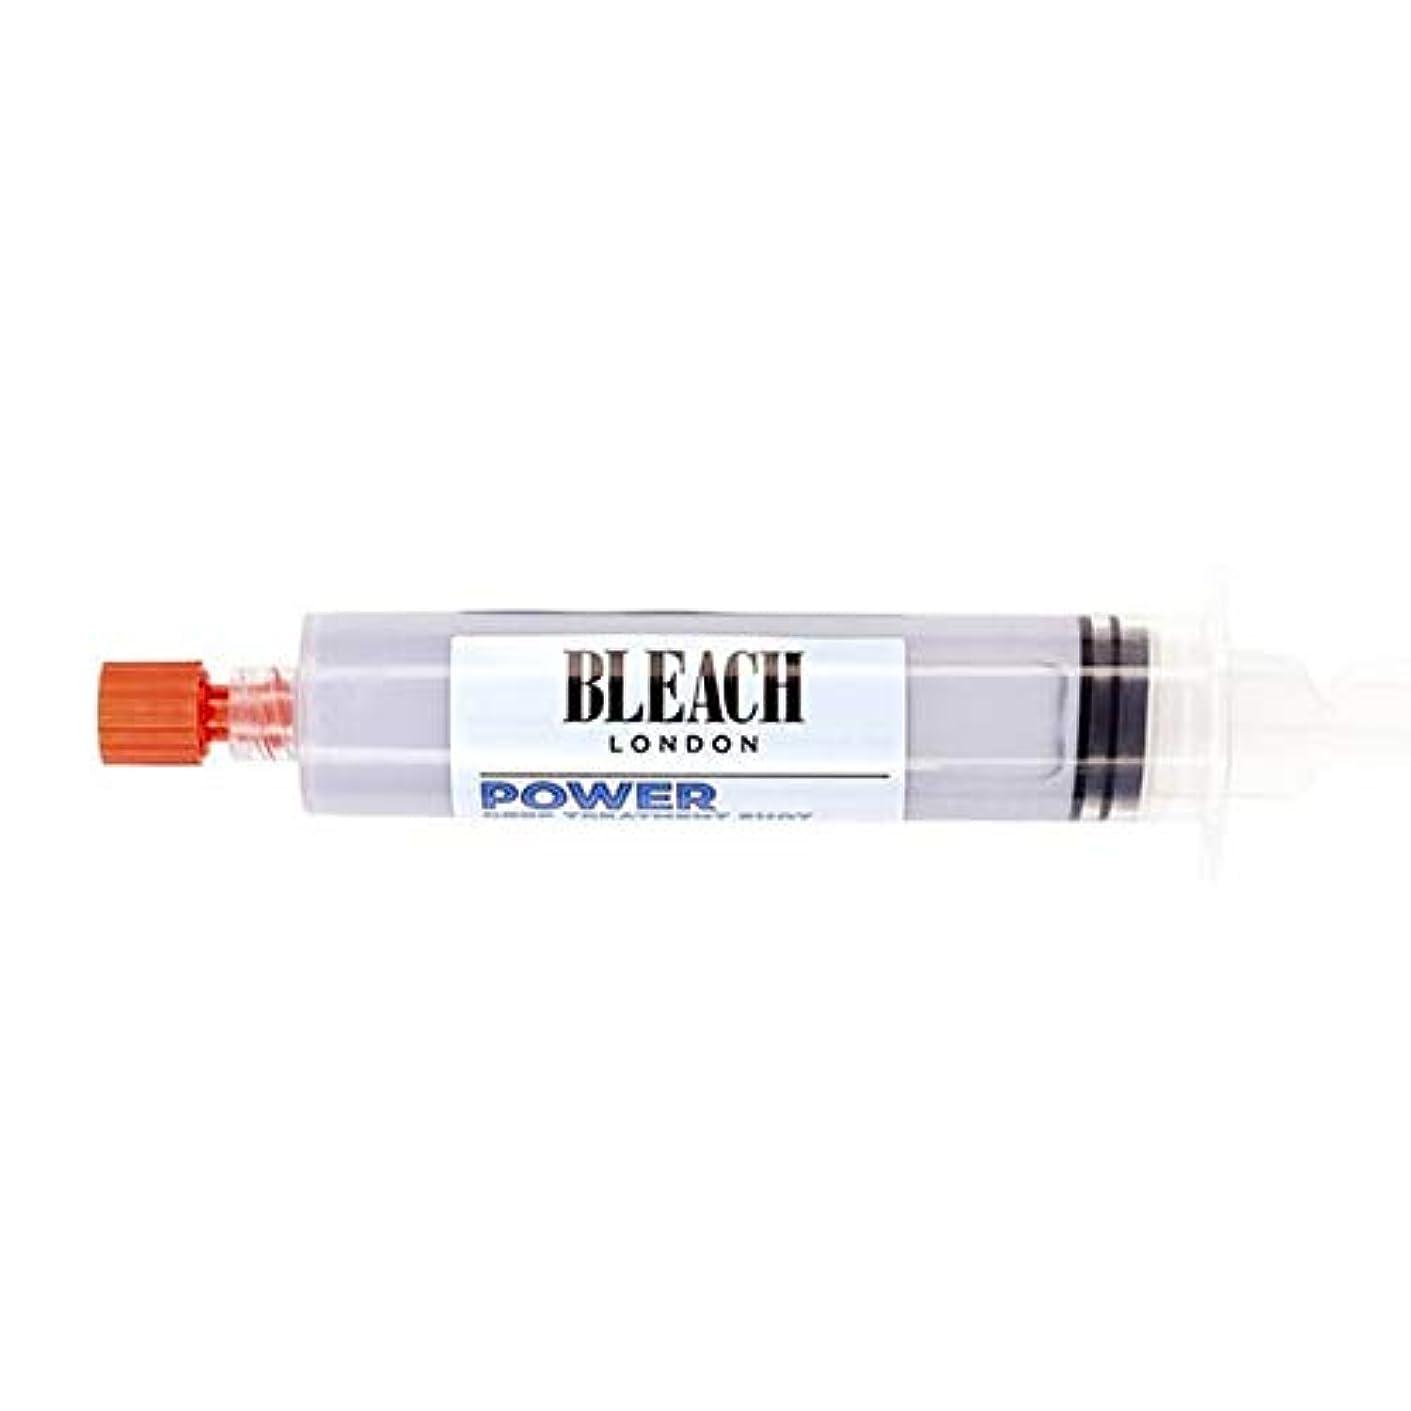 寄付ページェントクーポン[Bleach London ] 漂白ロンドン治療ショット - ディープパワー - Bleach London Treatment Shot - Power Deep [並行輸入品]